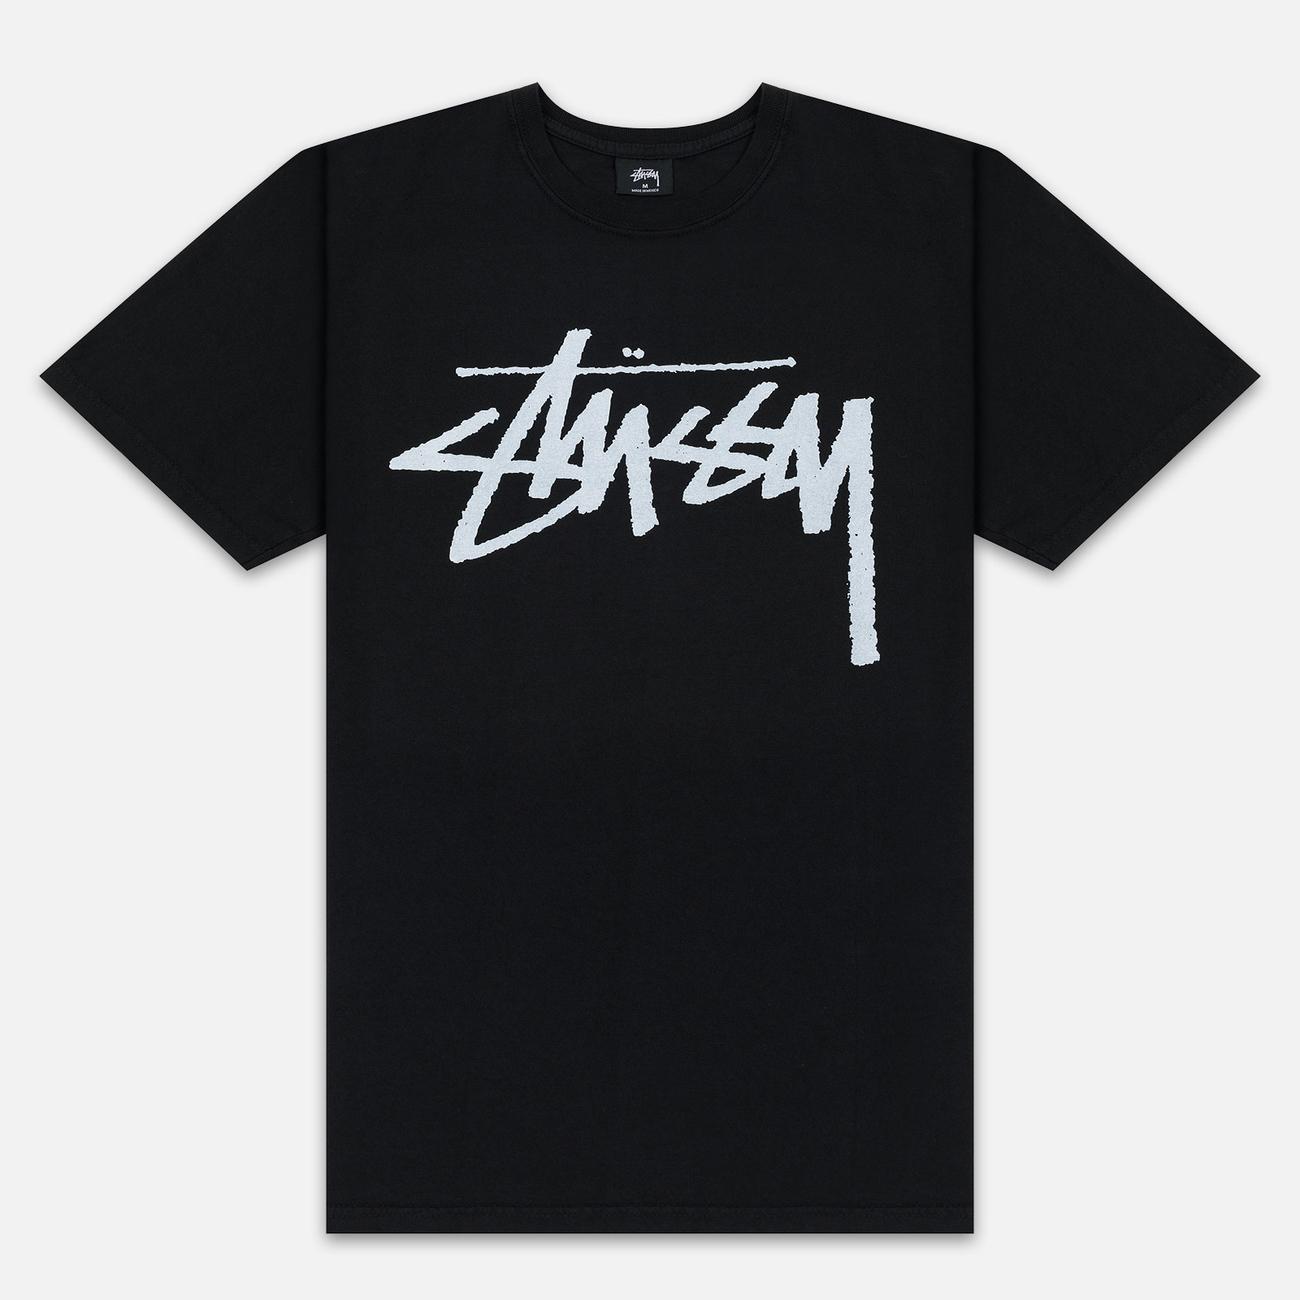 Мужская футболка Stussy Stock Pigment Dyed Black/White